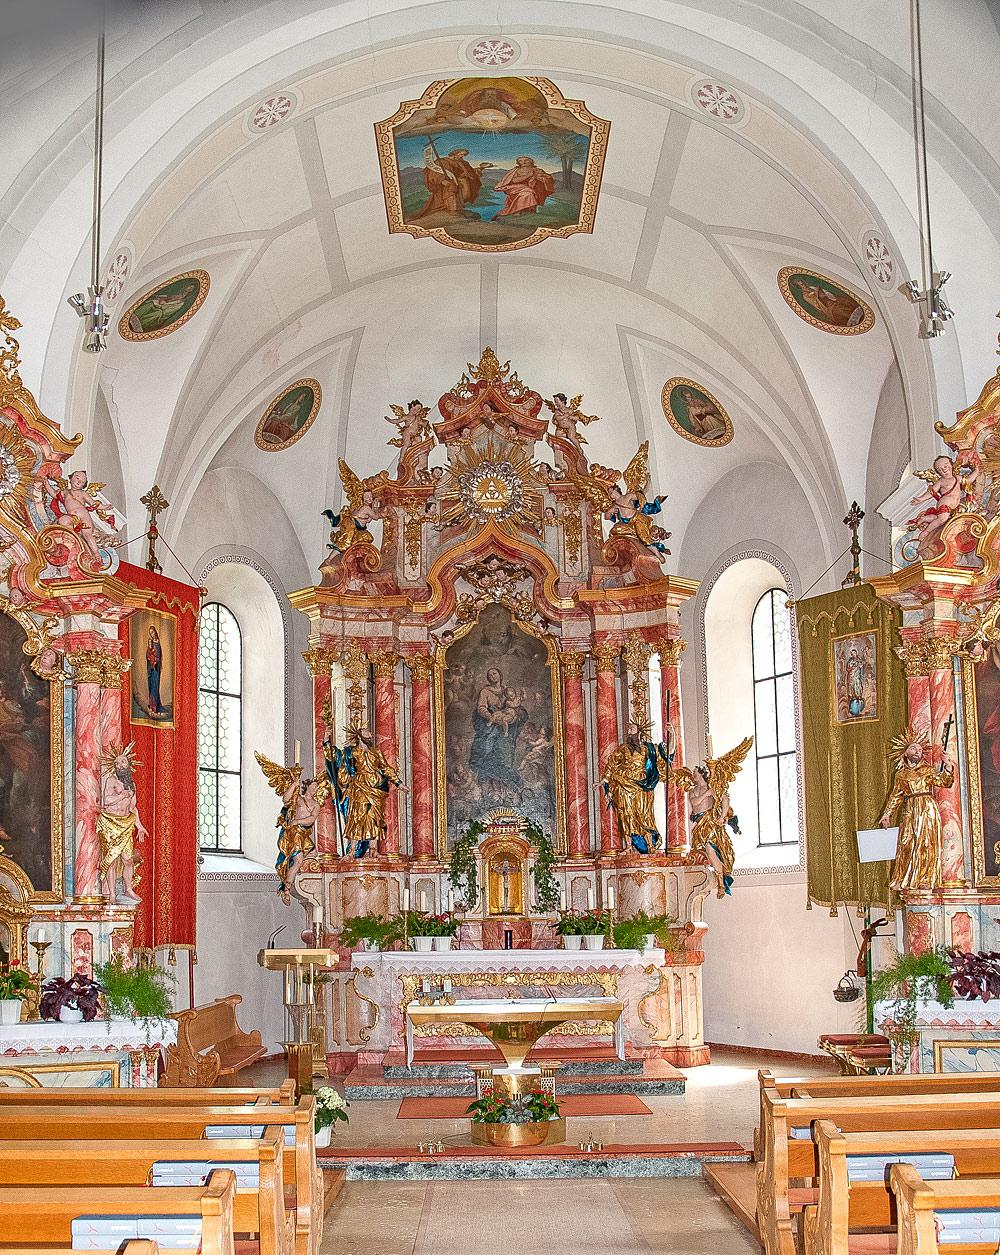 Innenraum der Pfarrkirche Heilige Dreifaltigkeit in Feichten